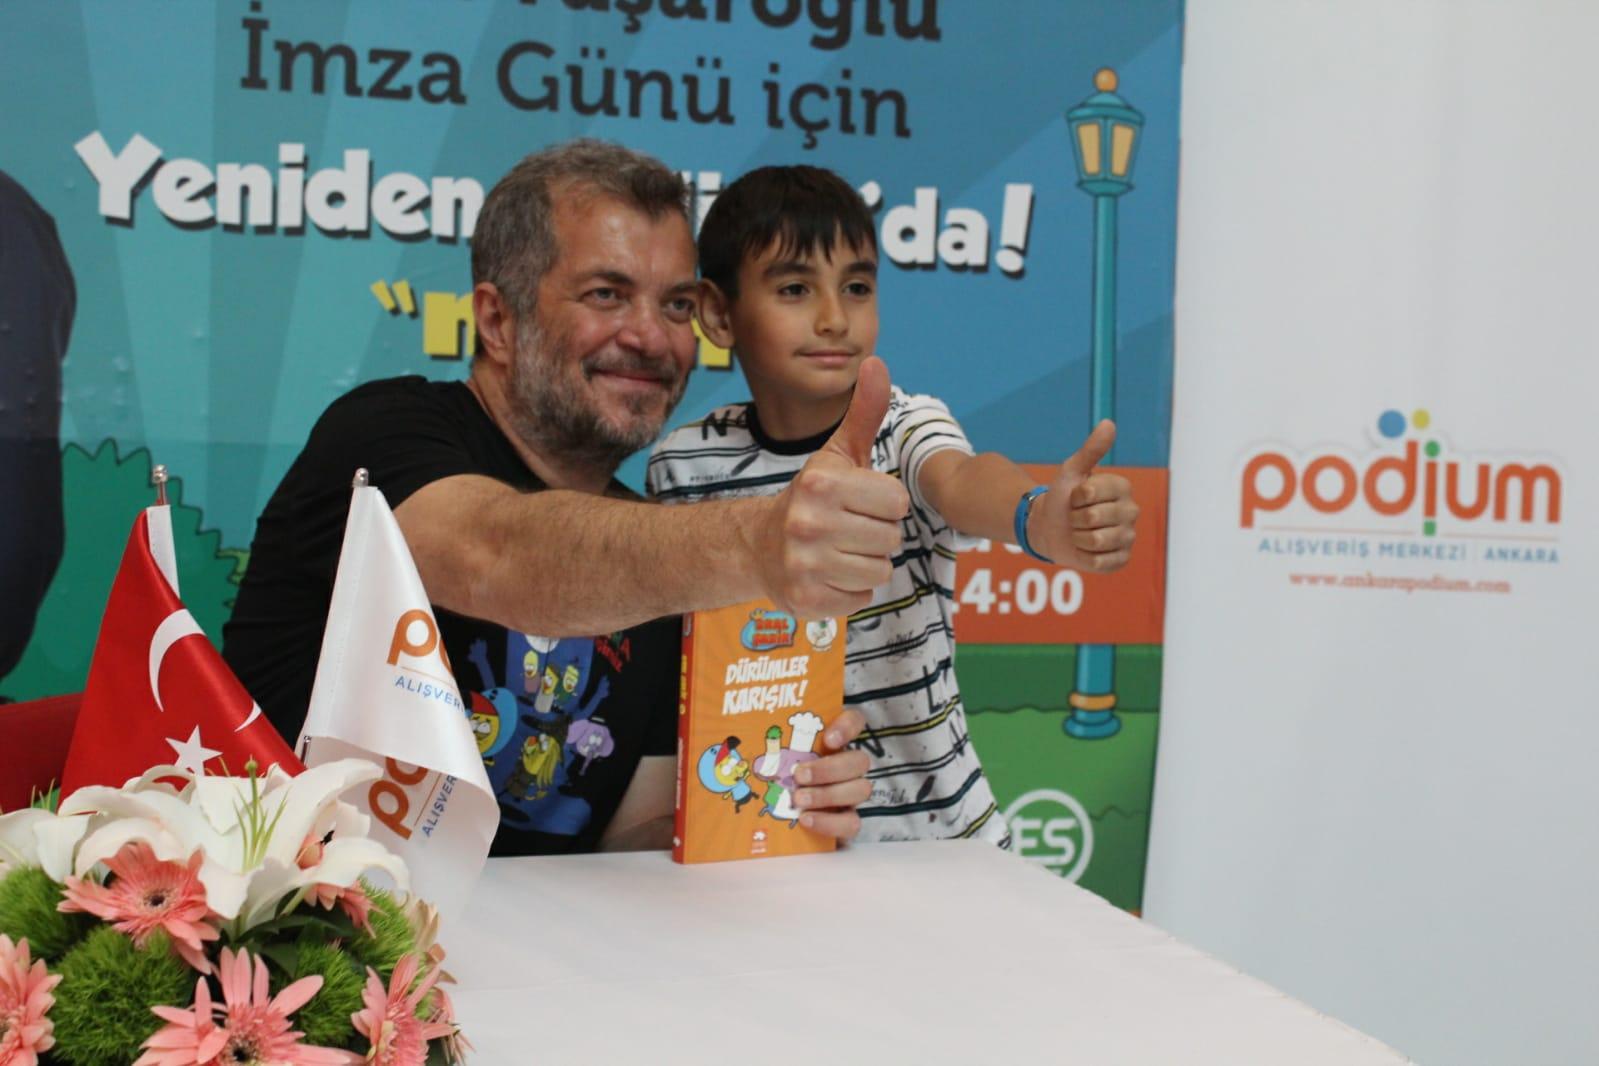 Varol Yaşaroğlu Podium Ankara'daydı